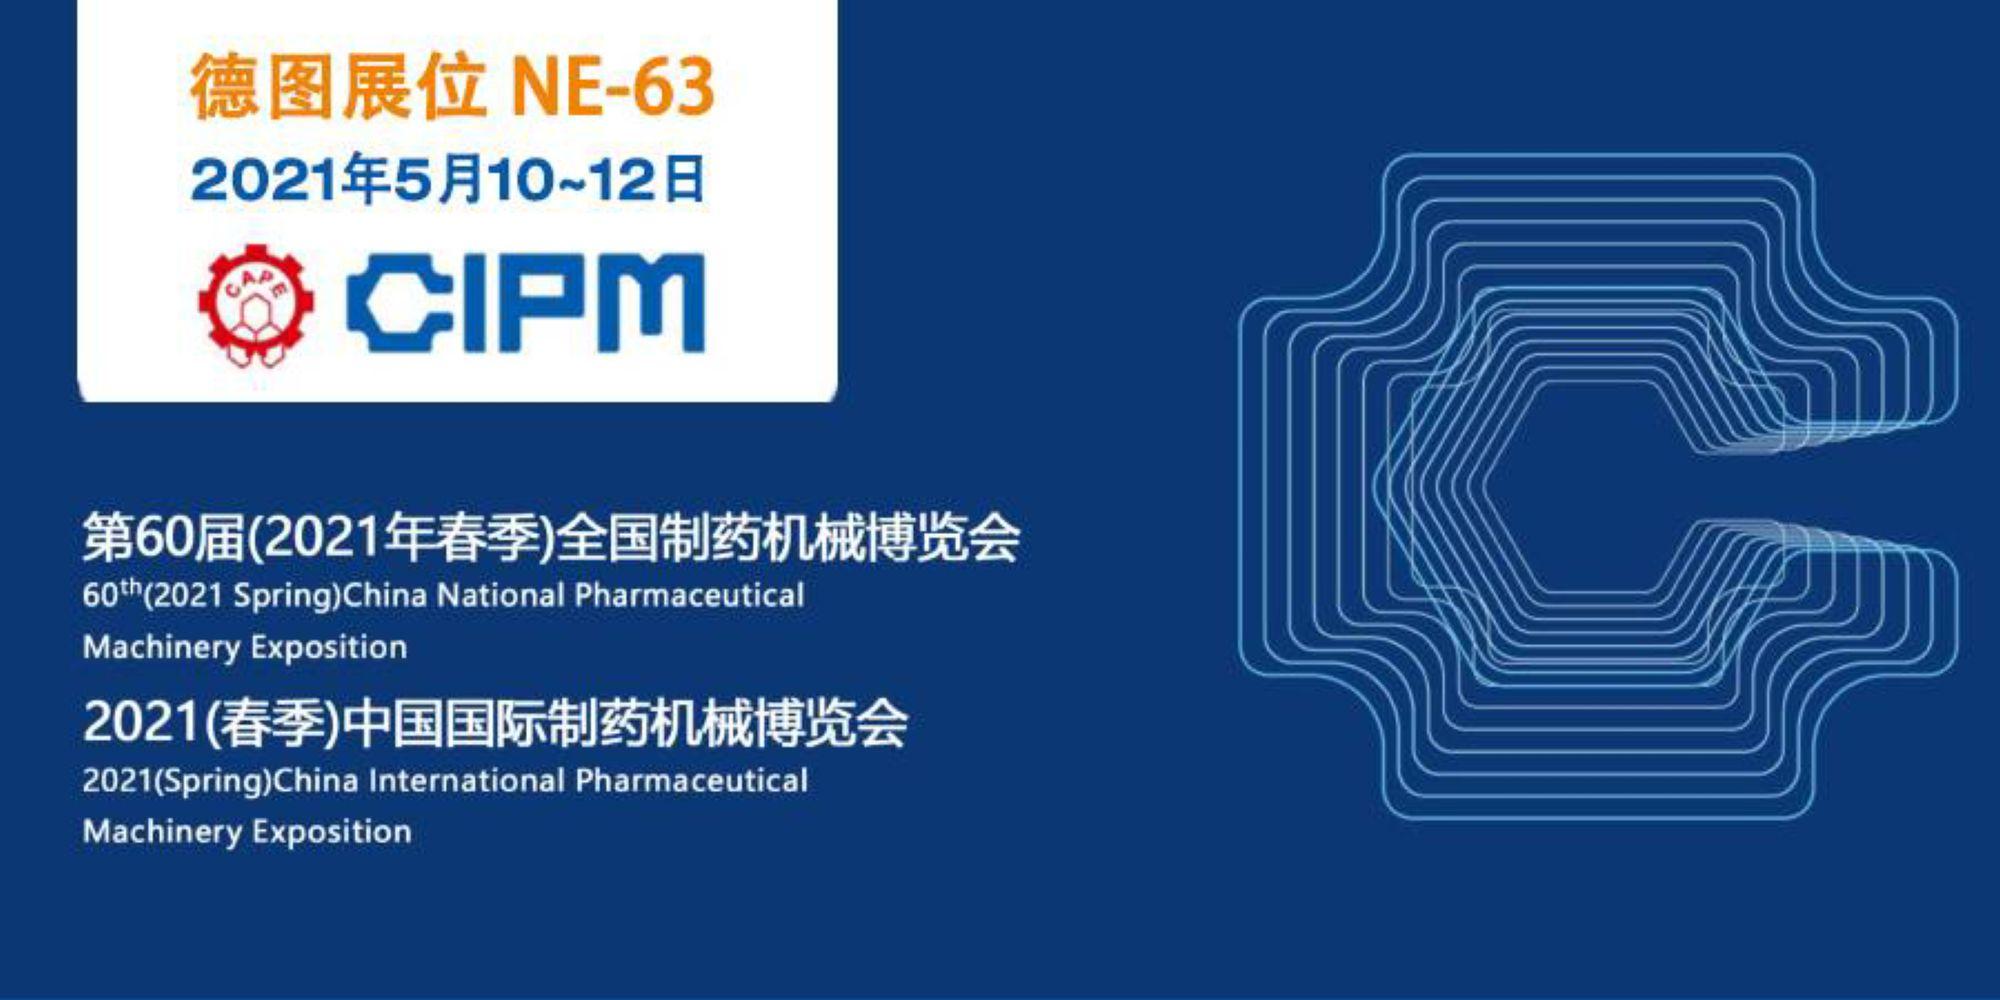 CN_2021_tradeshow_teser-image-CIPM.jpg